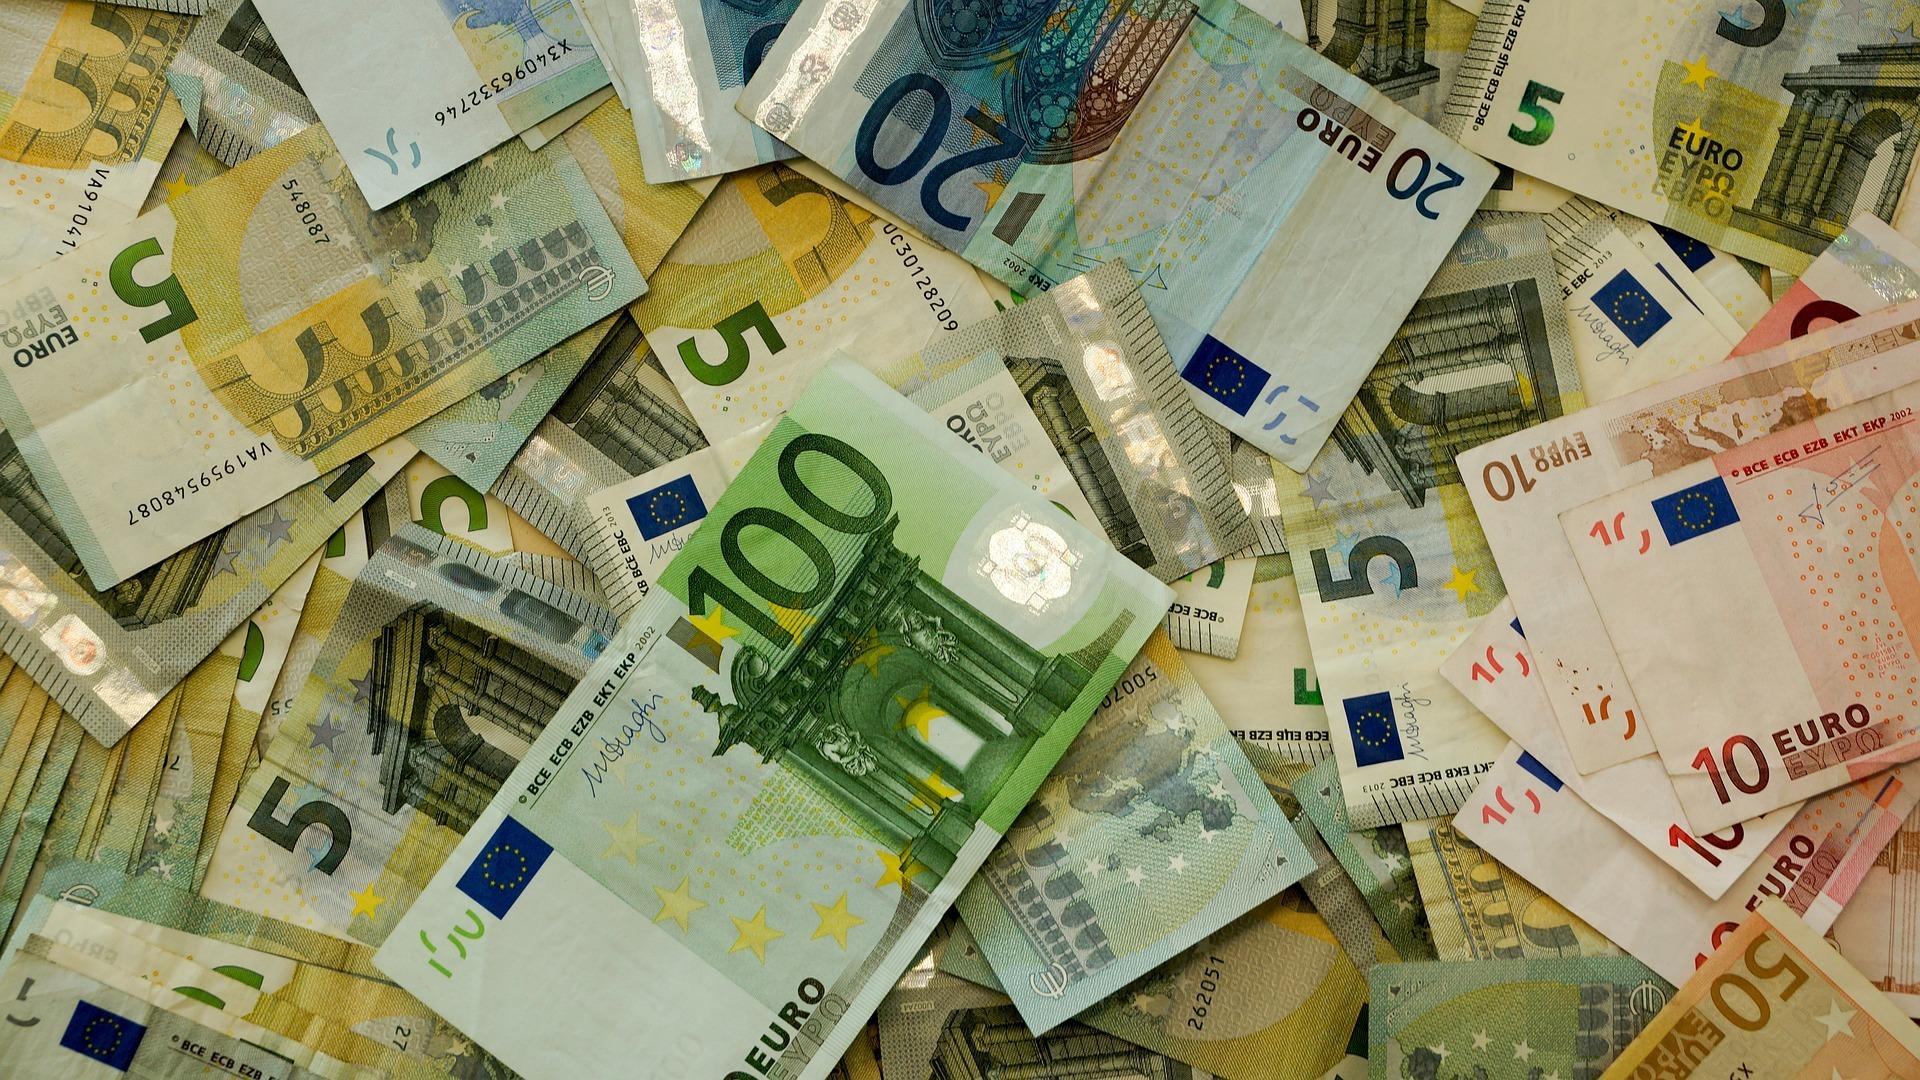 Ce se întâmplă cu toate creditele în valută ale românilor